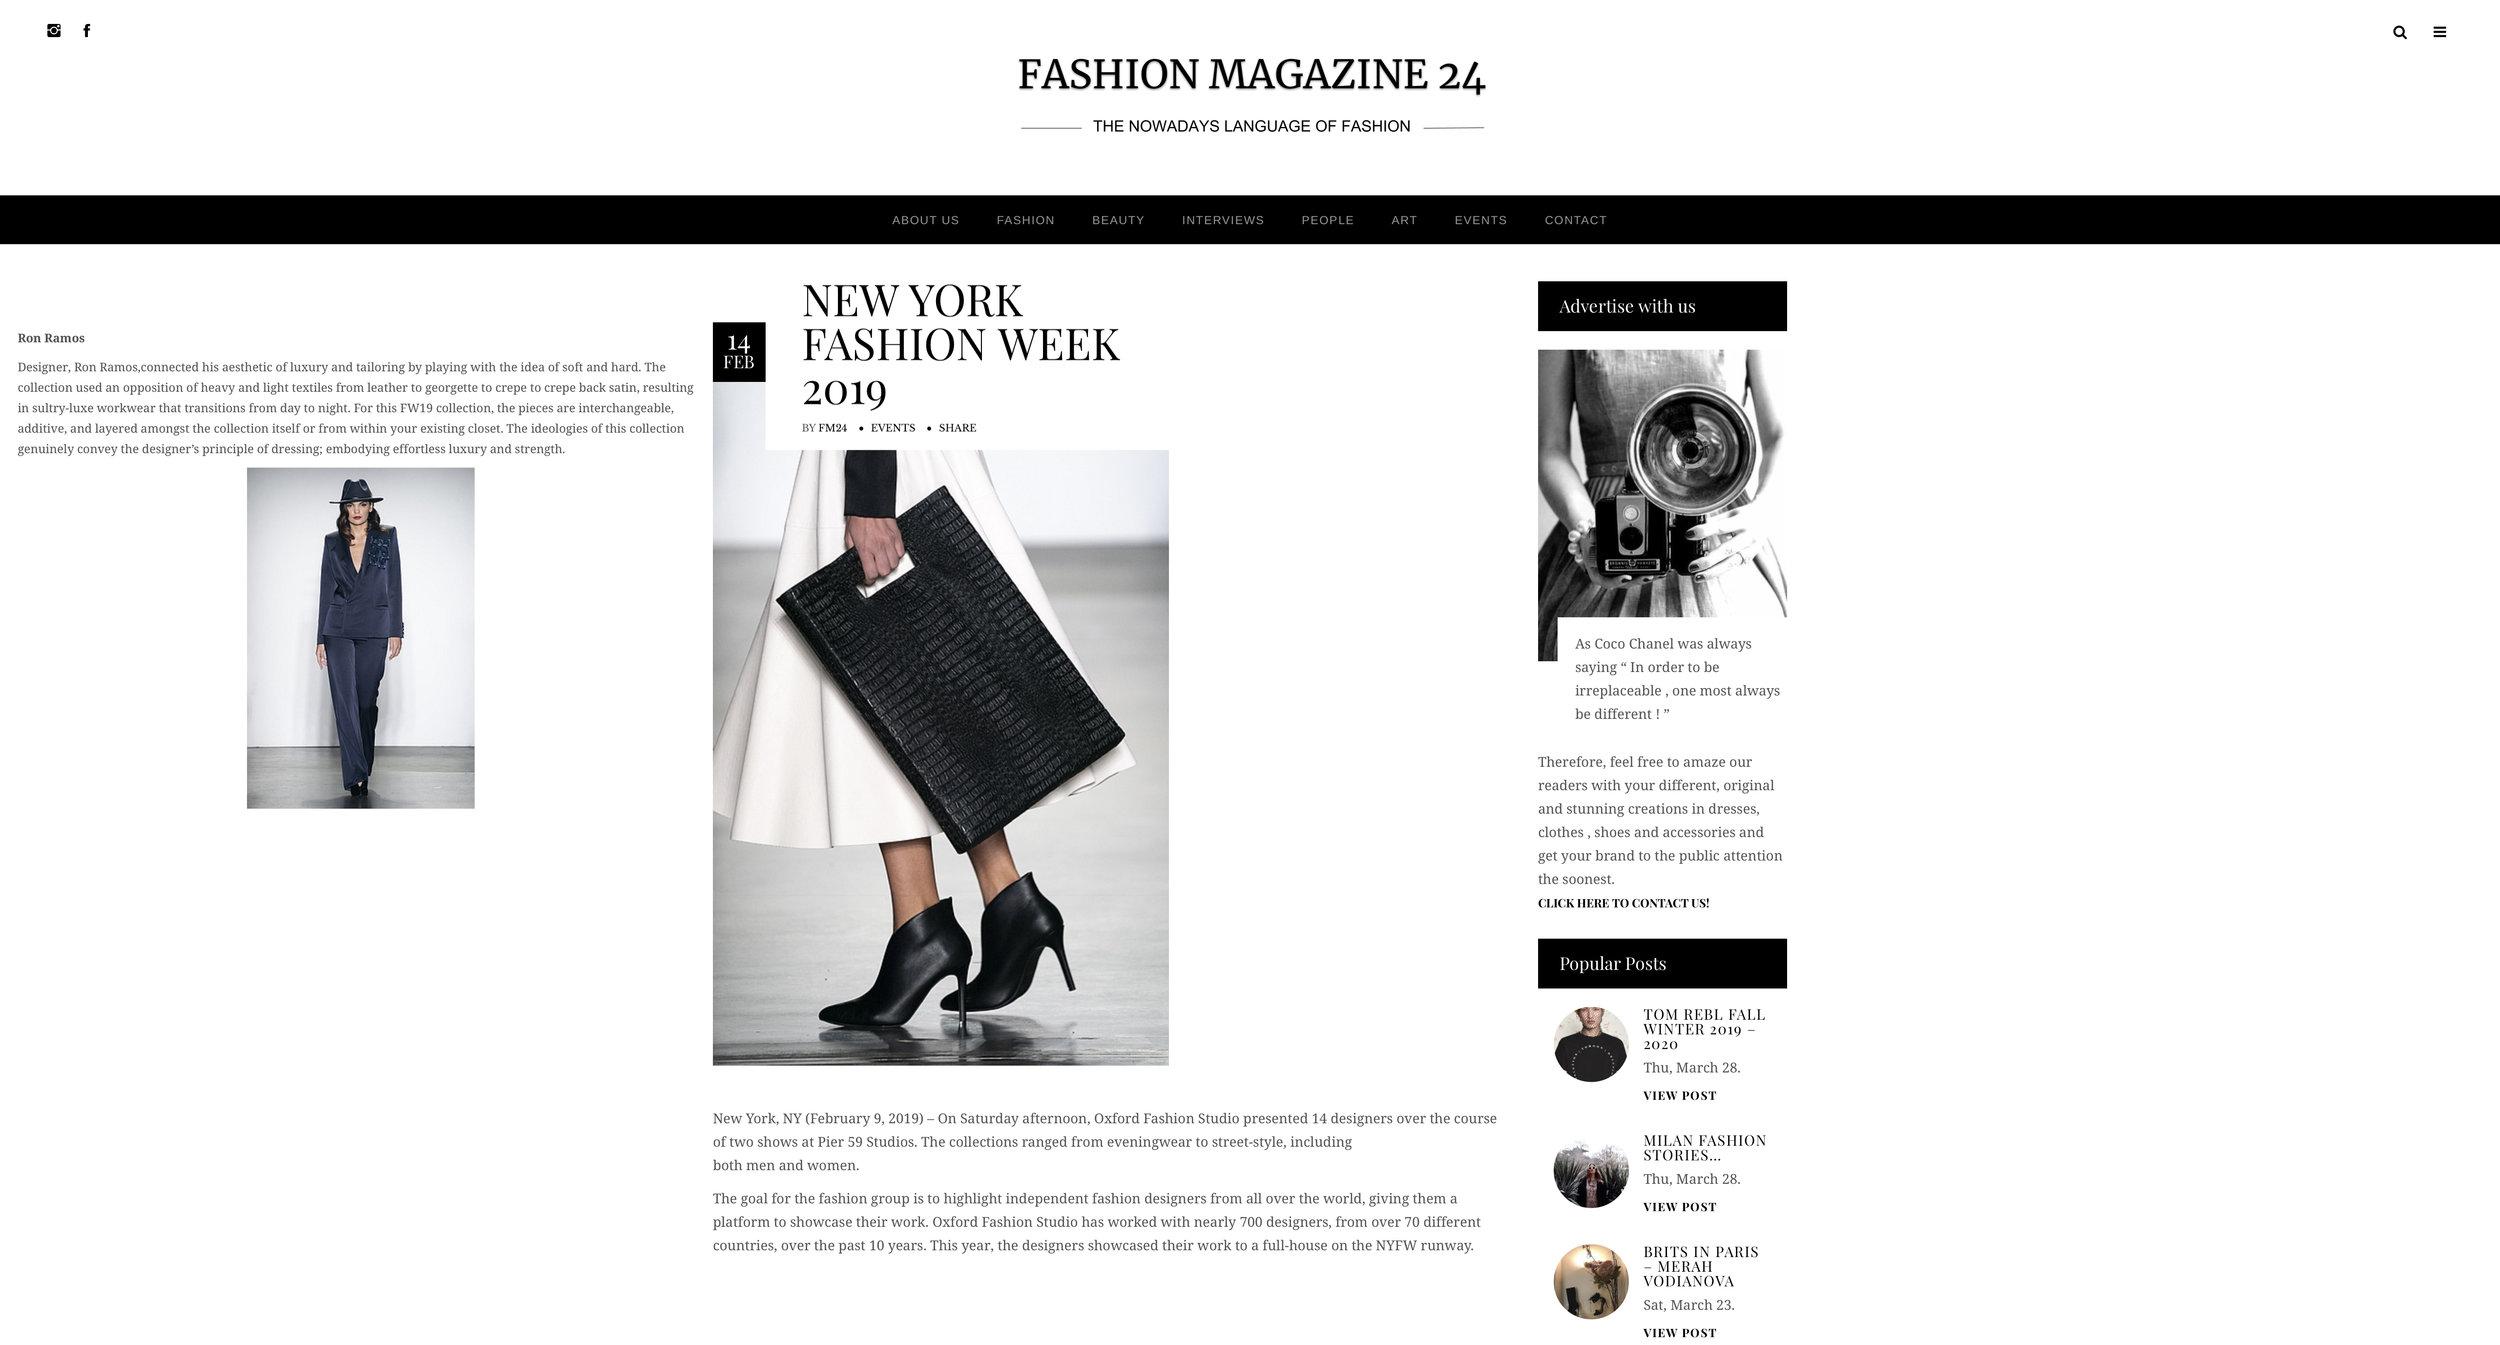 RRNYAW19_FashionMagazine24.jpg